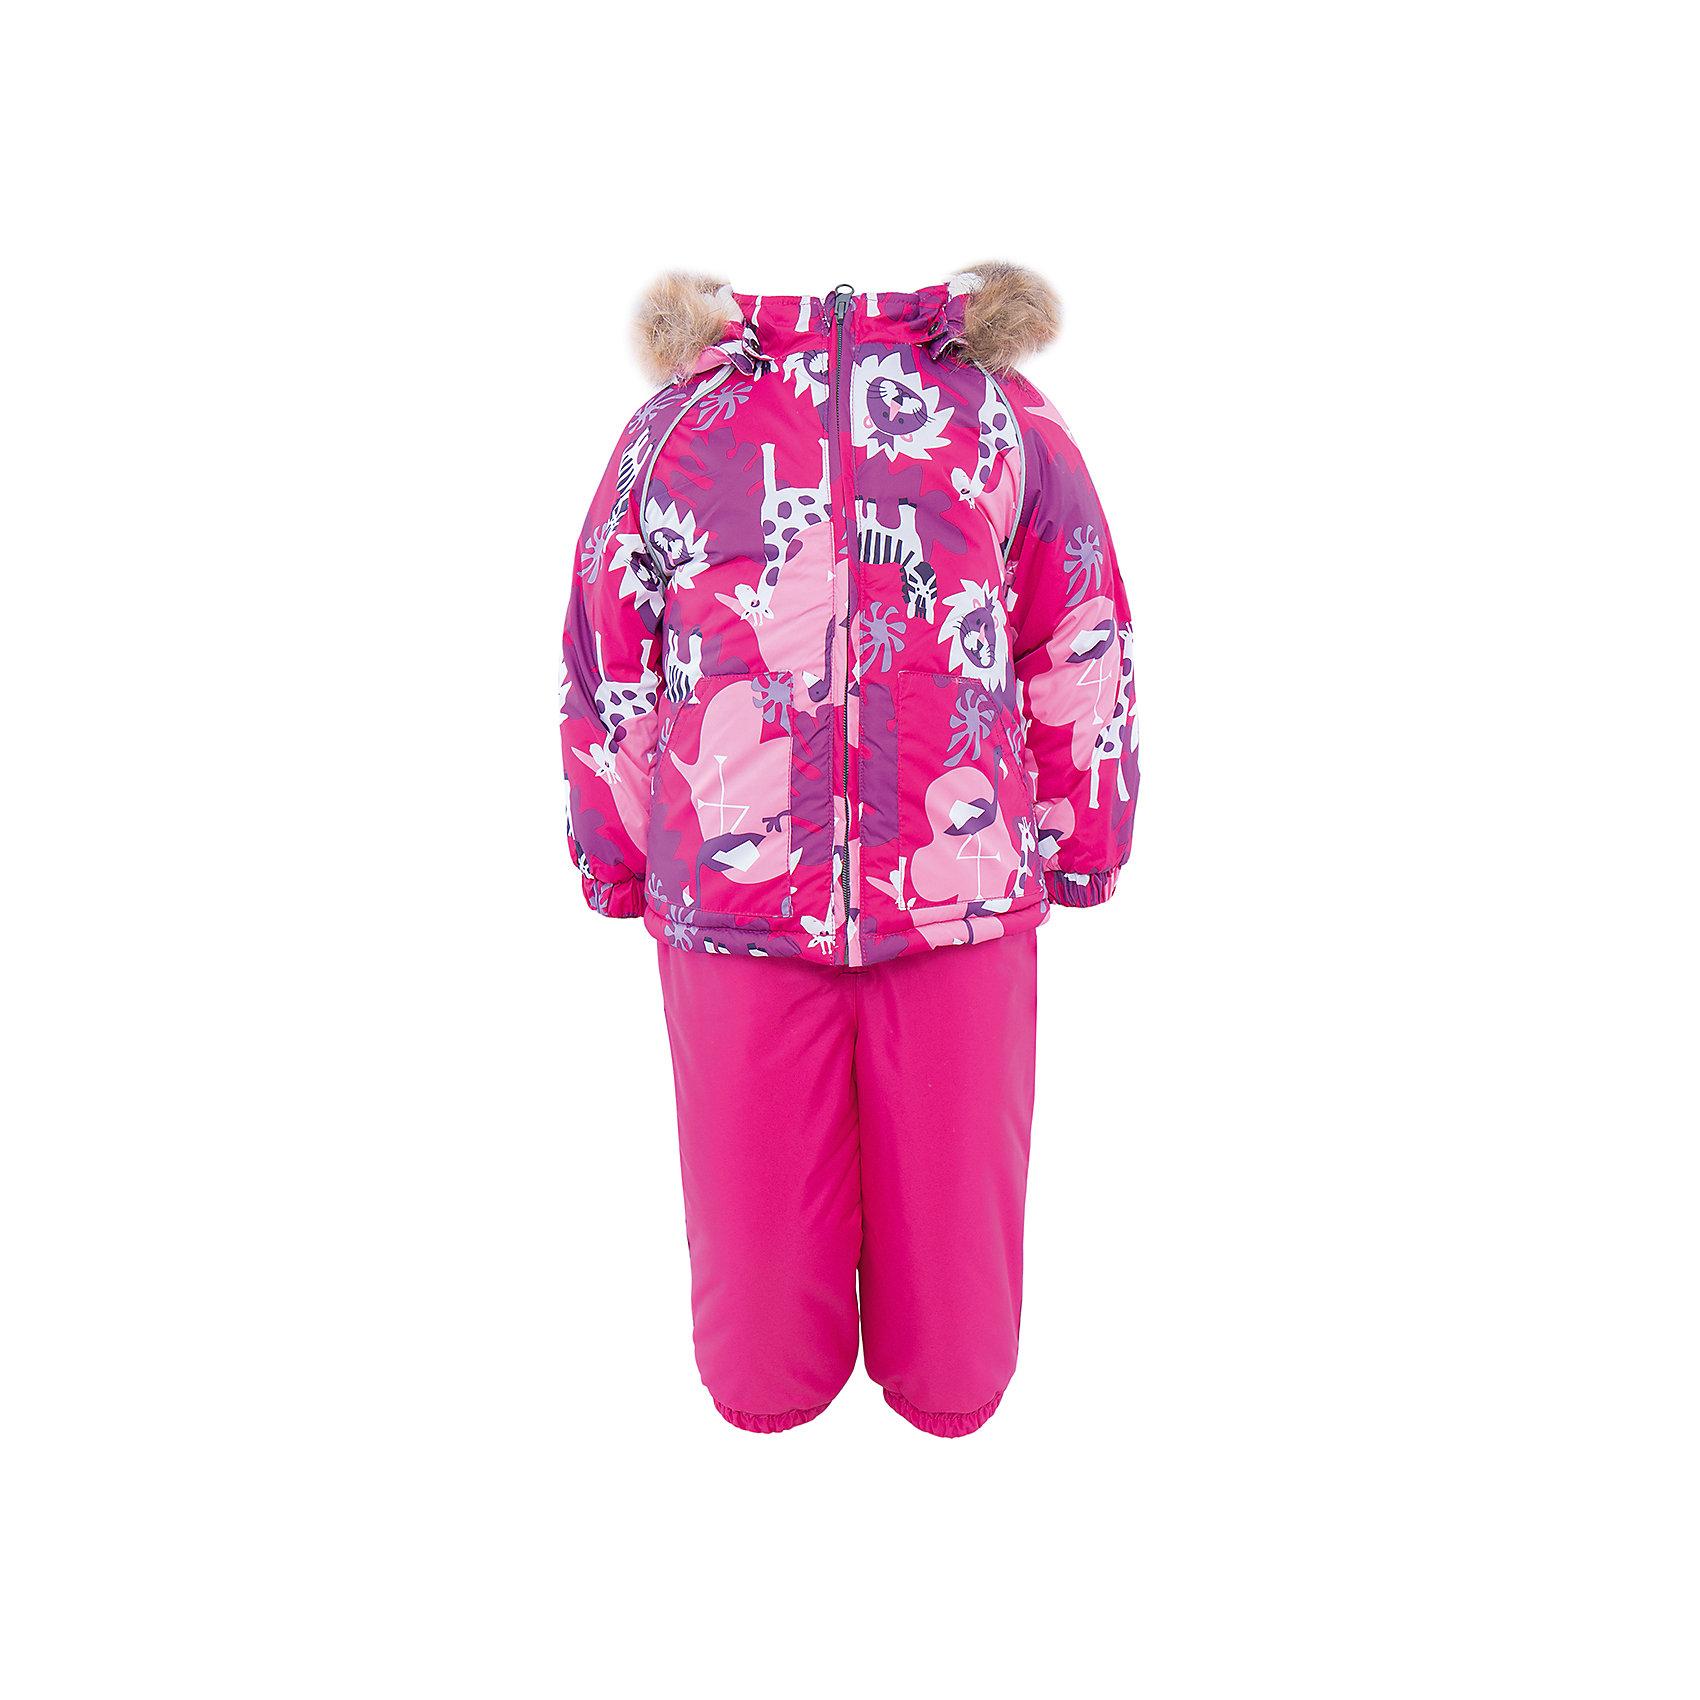 Комплект HuppaКомплект из куртки и комбинезона AVERY Huppa(Хуппа).<br><br>Утеплитель: 100% полиэстер. Куртка – 300 гр., полукомбинезон – 160 гр.<br><br>Температурный режим: до -30 градусов. Степень утепления – высокая. <br><br>* Температурный режим указан приблизительно — необходимо, прежде всего, ориентироваться на ощущения ребенка. Температурный режим работает в случае соблюдения правила многослойности – использования флисовой поддевы и термобелья.<br><br>Отлично подойдет для зимних прогулок. Комбинезон имеет подтяжки и резинки на талии и манжетах. Куртка с капюшоном и резинками на манжетах имеет необычный дизайн и принт со зверюшками.<br><br>Особенности:<br>-плотная дышащая и водоотталкивающая мембрана<br>-водонепроницаемый<br>-мягкая фланелевая подкладка<br>-водостойкая лента на швах<br>-высокая прочность<br>-светоотражающие элементы<br>-съемный капюшон с отстегивающимся мехом<br>-шаговый шов проклеен<br><br>Дополнительная информация:<br>Материал: 100% полиэстер<br>Подкладка: фланель - 100% хлопок<br>Цвет: фуксия<br><br>Вы можете приобрести комплект AVERY Huppa(Хуппа) в нашем интернет-магазине.<br><br>Ширина мм: 356<br>Глубина мм: 10<br>Высота мм: 245<br>Вес г: 519<br>Цвет: розовый<br>Возраст от месяцев: 12<br>Возраст до месяцев: 15<br>Пол: Женский<br>Возраст: Детский<br>Размер: 80,104,86,92,98<br>SKU: 4928780